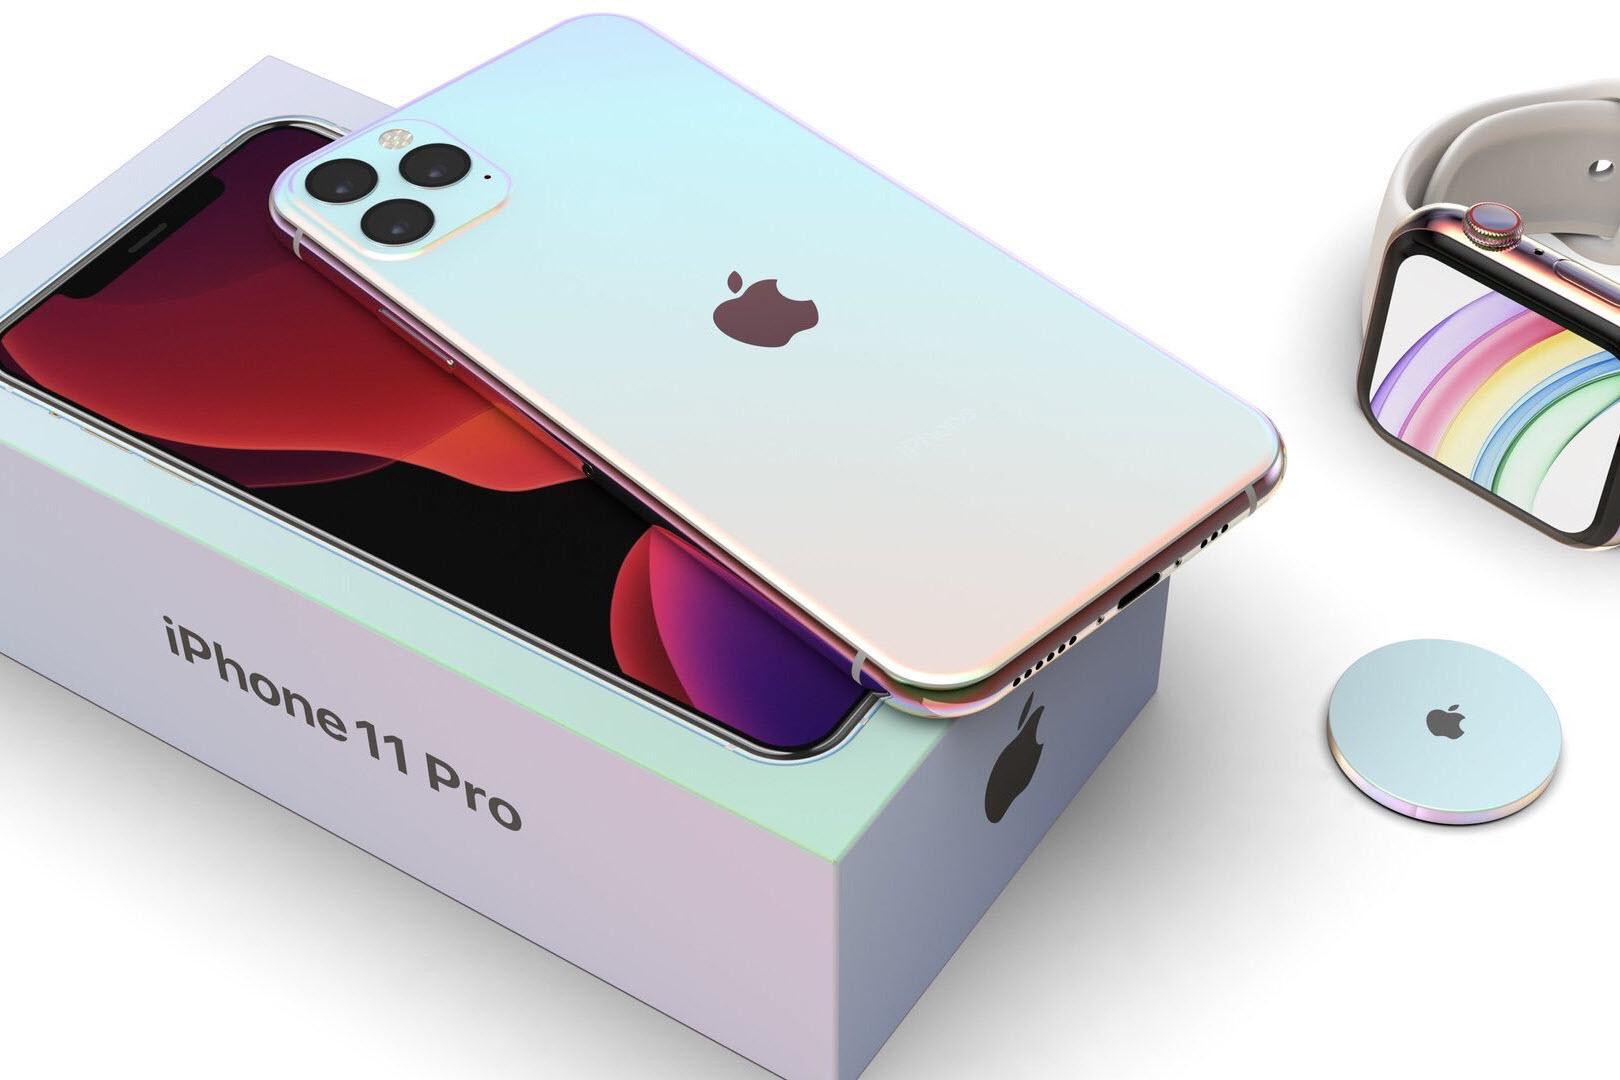 Презентация новых моделей iPhone 10 сентября. Где посмотреть и что представит Apple